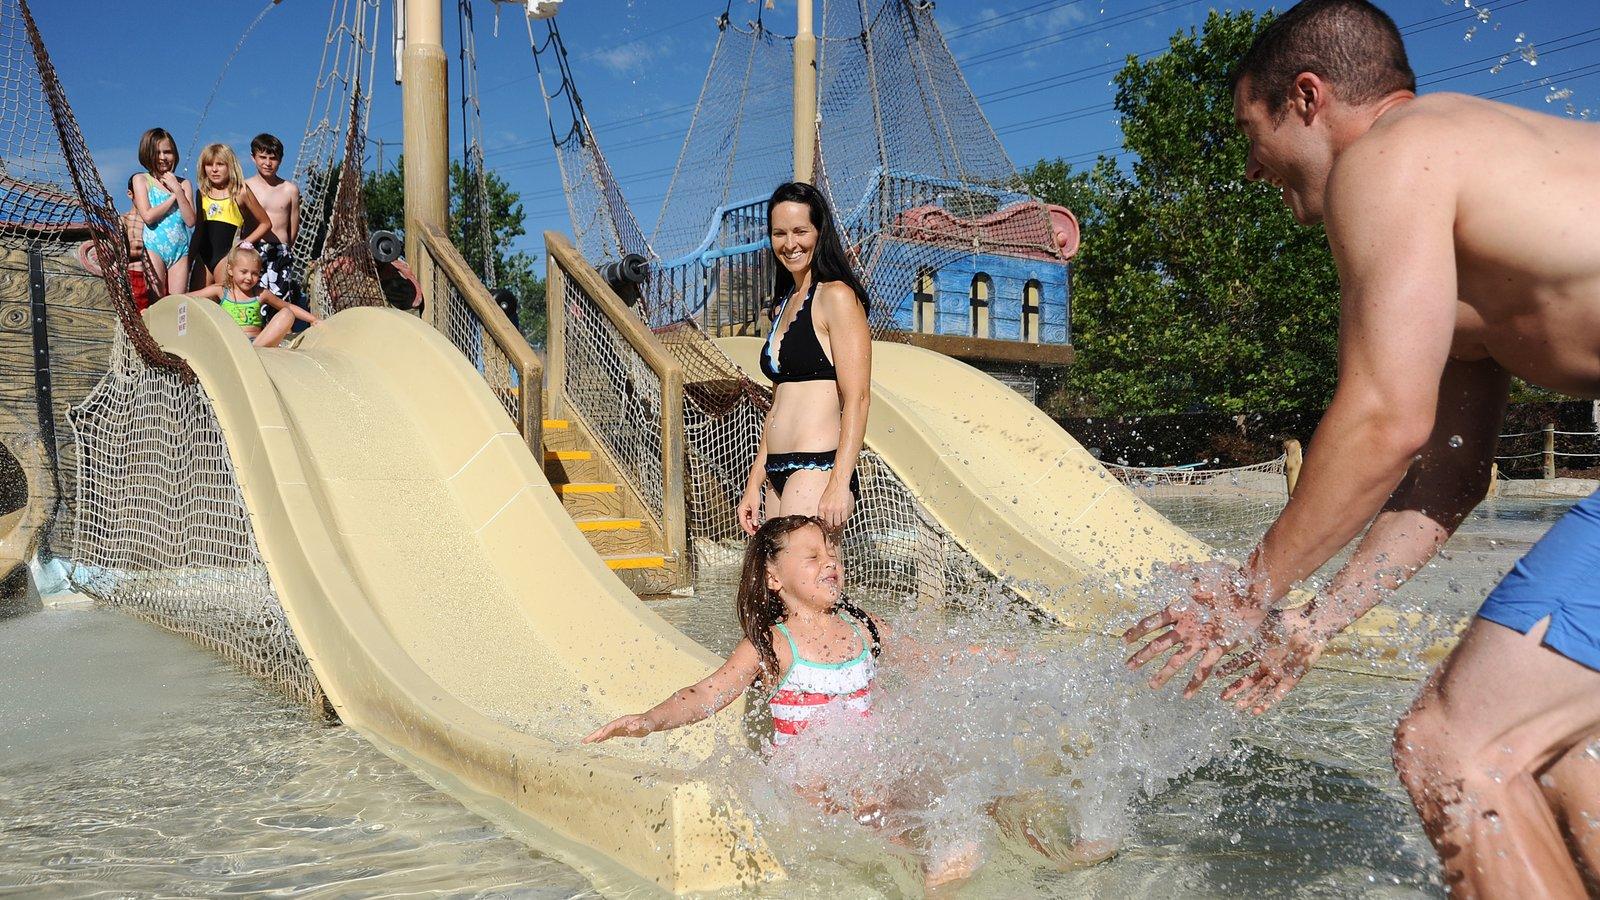 Elitch Gardens Theme Park caracterizando passeios e um parque aquático assim como uma família